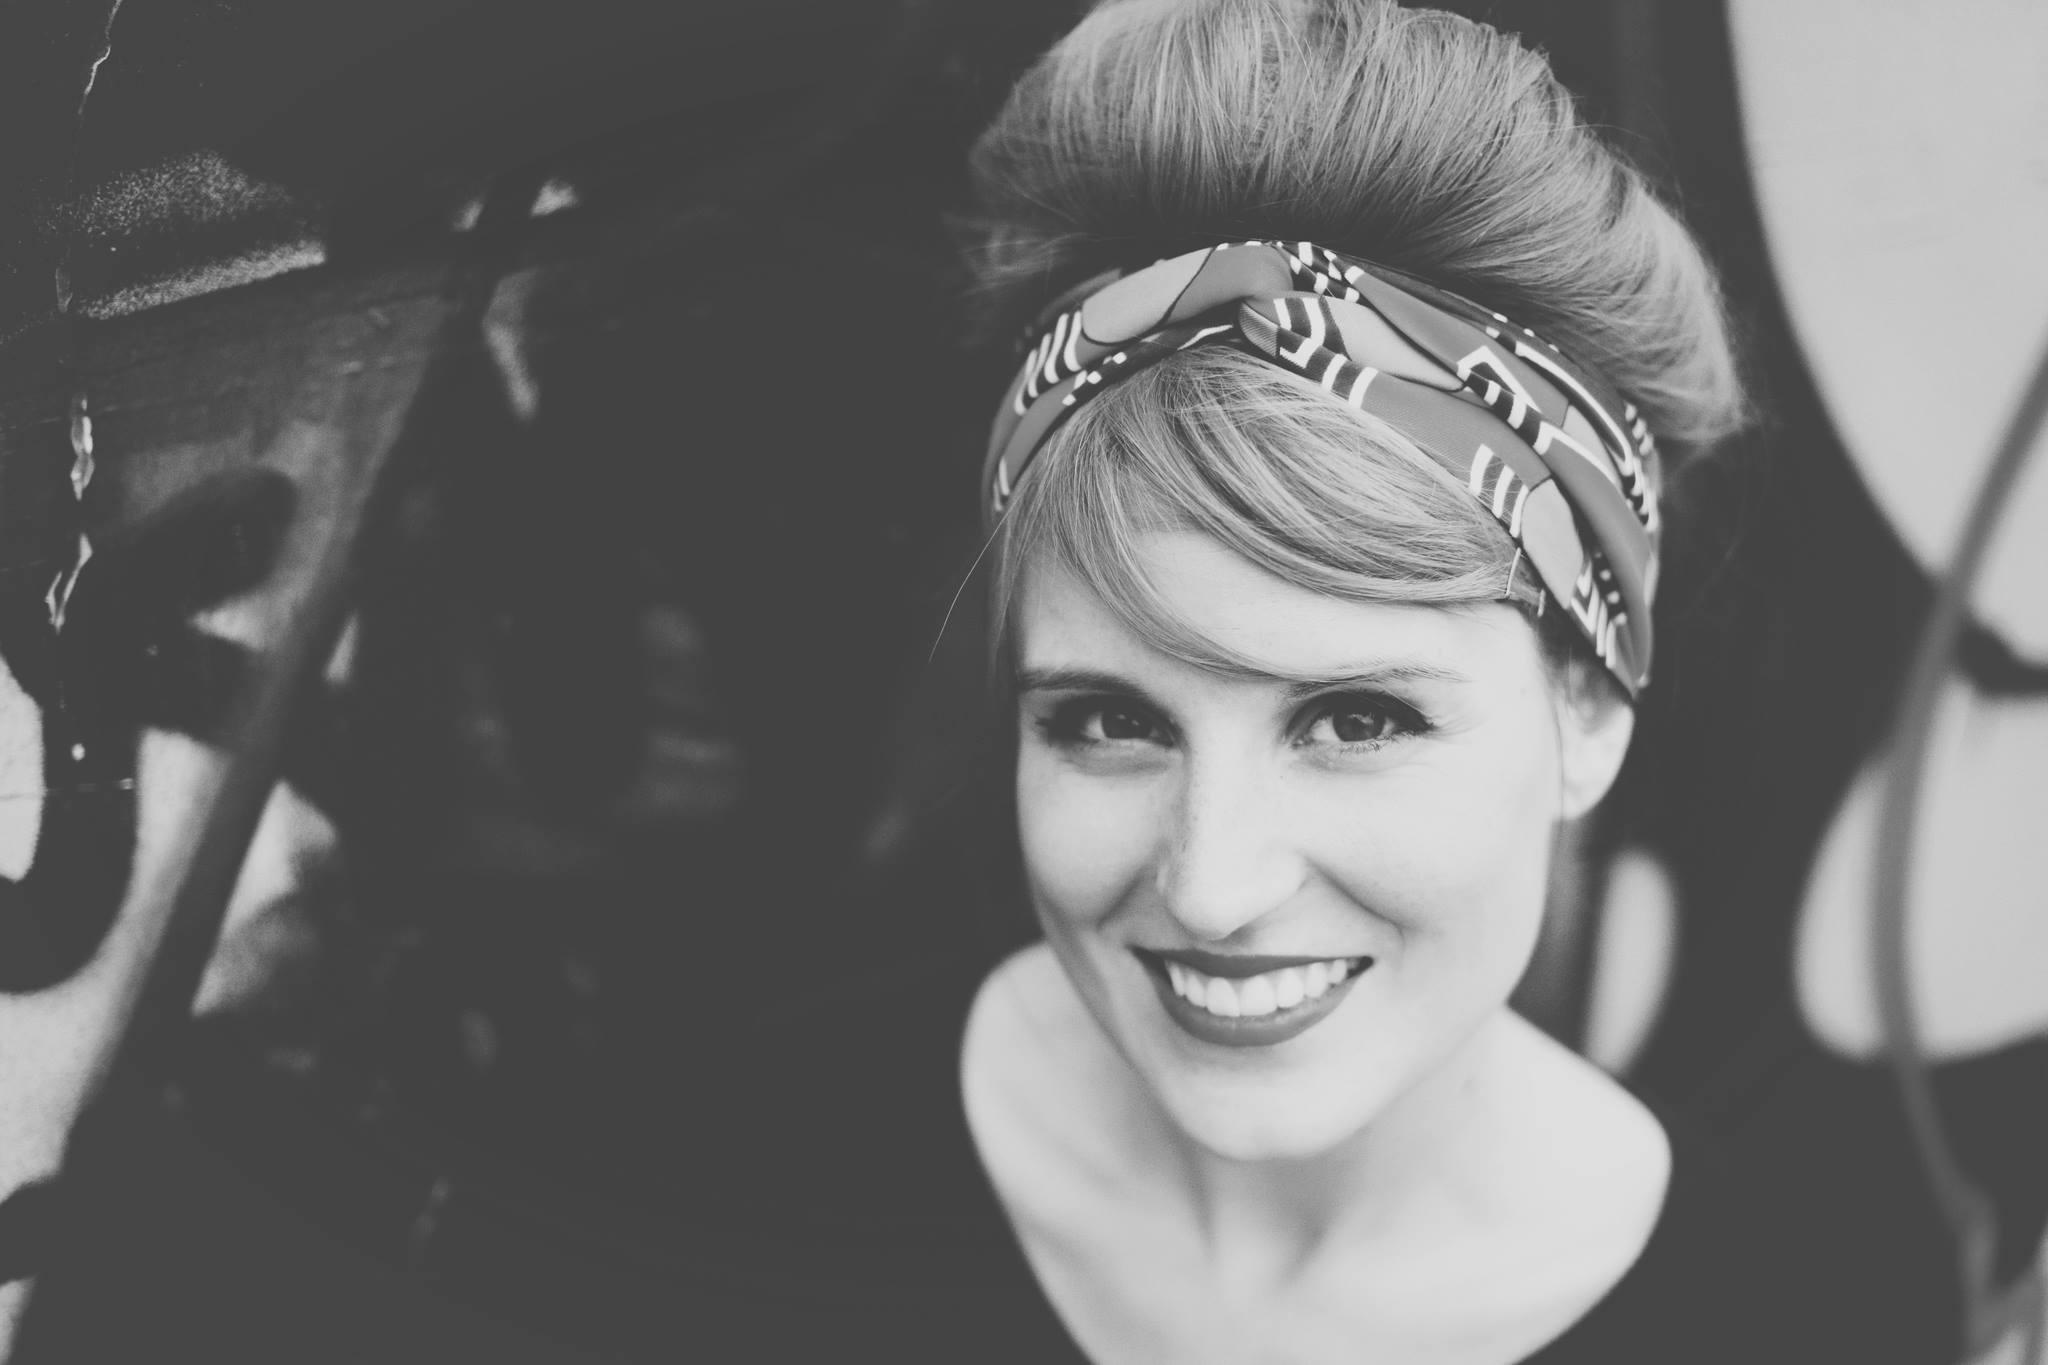 Interview Virginie troussier auteur pendant que les champs brulent - blog - pasquedescollants.com